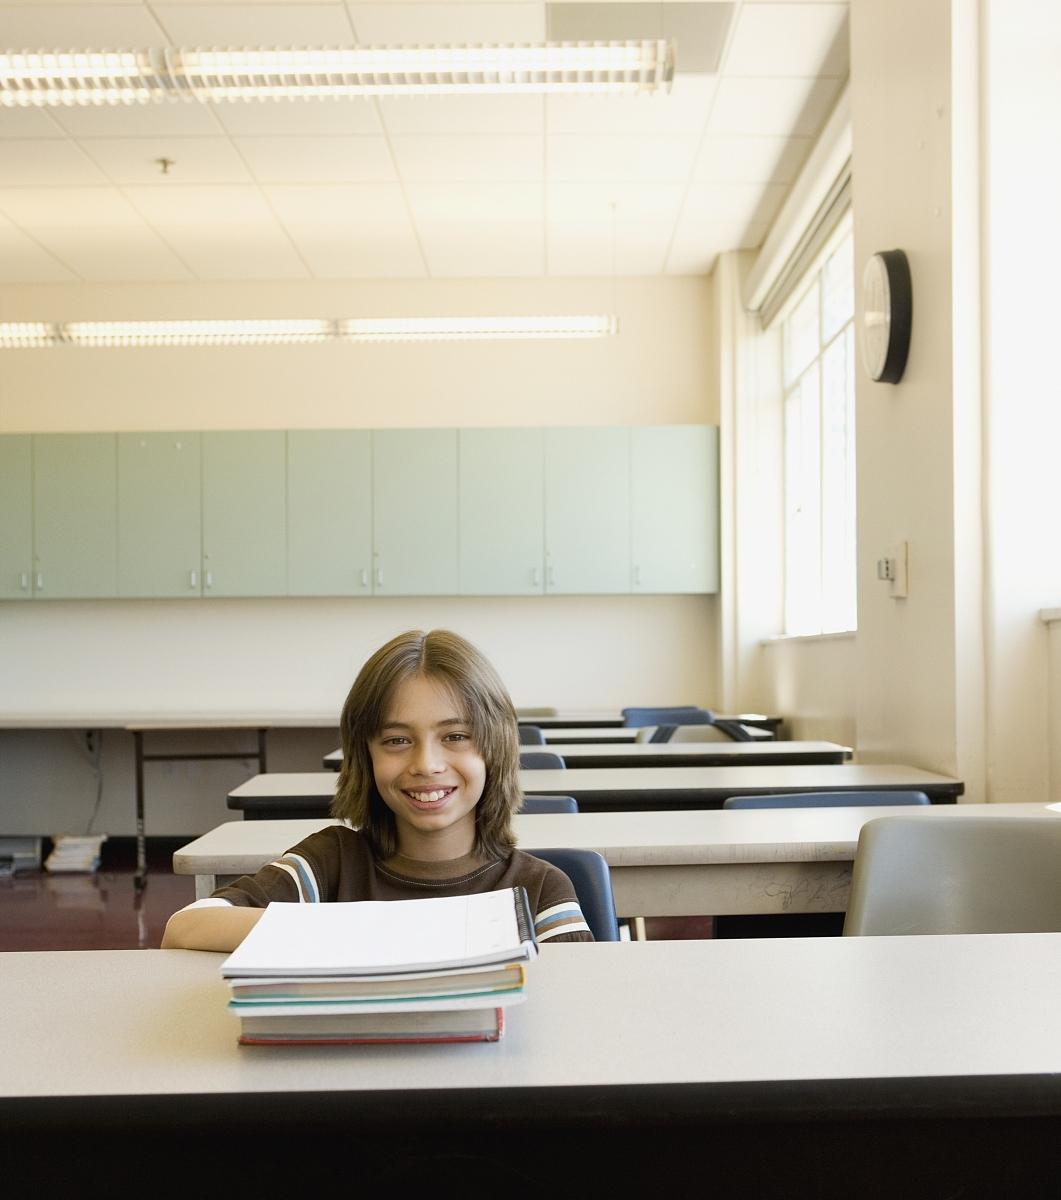 空教室里坐在课桌旁的男孩